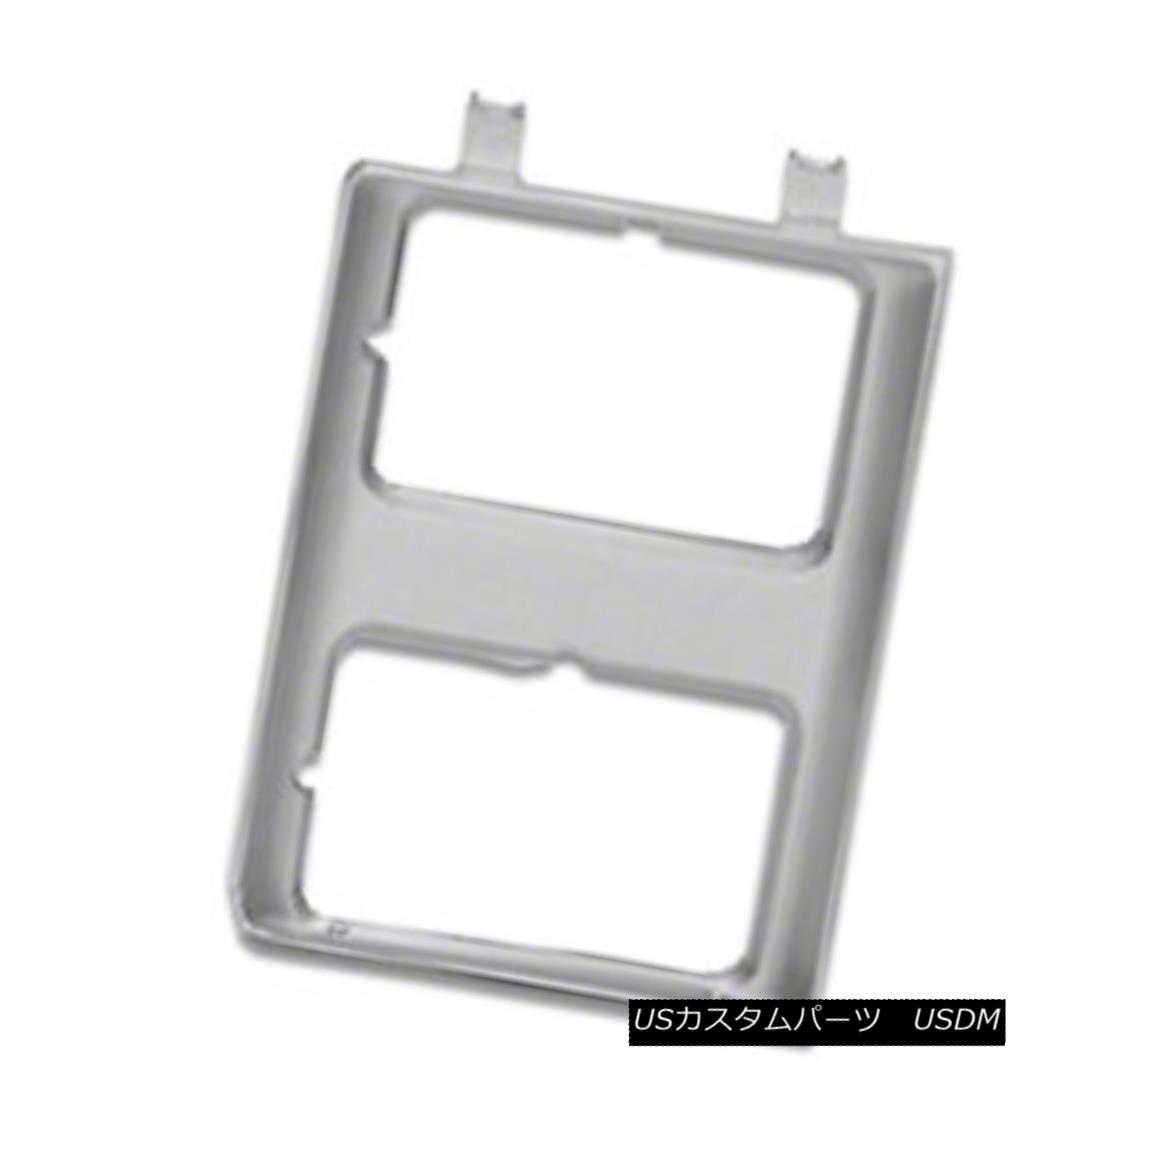 グリル Headlight Door Silver Driver Side for Dual Lamps Rectangular 630-00848L Value デュアルランプ用ヘッドライトドアシルバードライバーサイド長方形630-00848L値